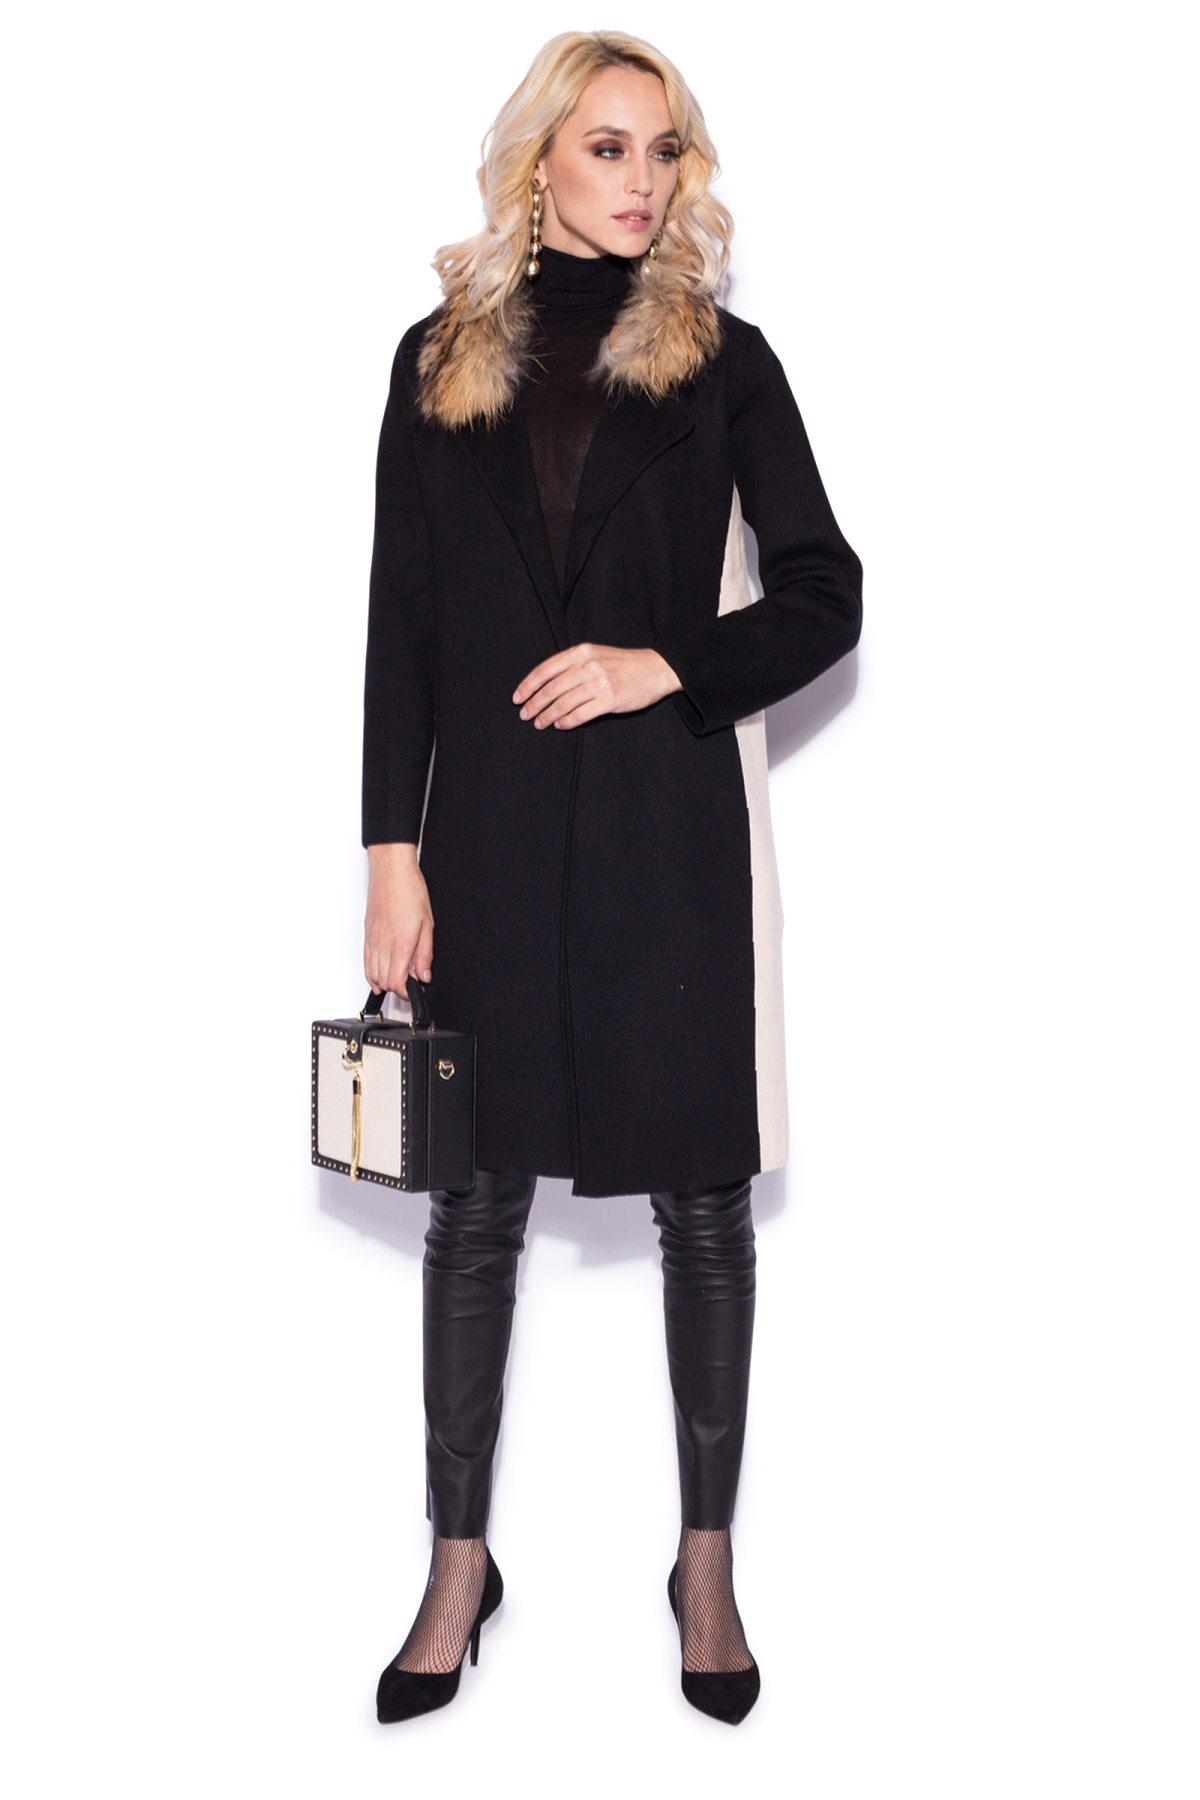 Cardigan in culori contrastante si detaliu din blana naturala Negru